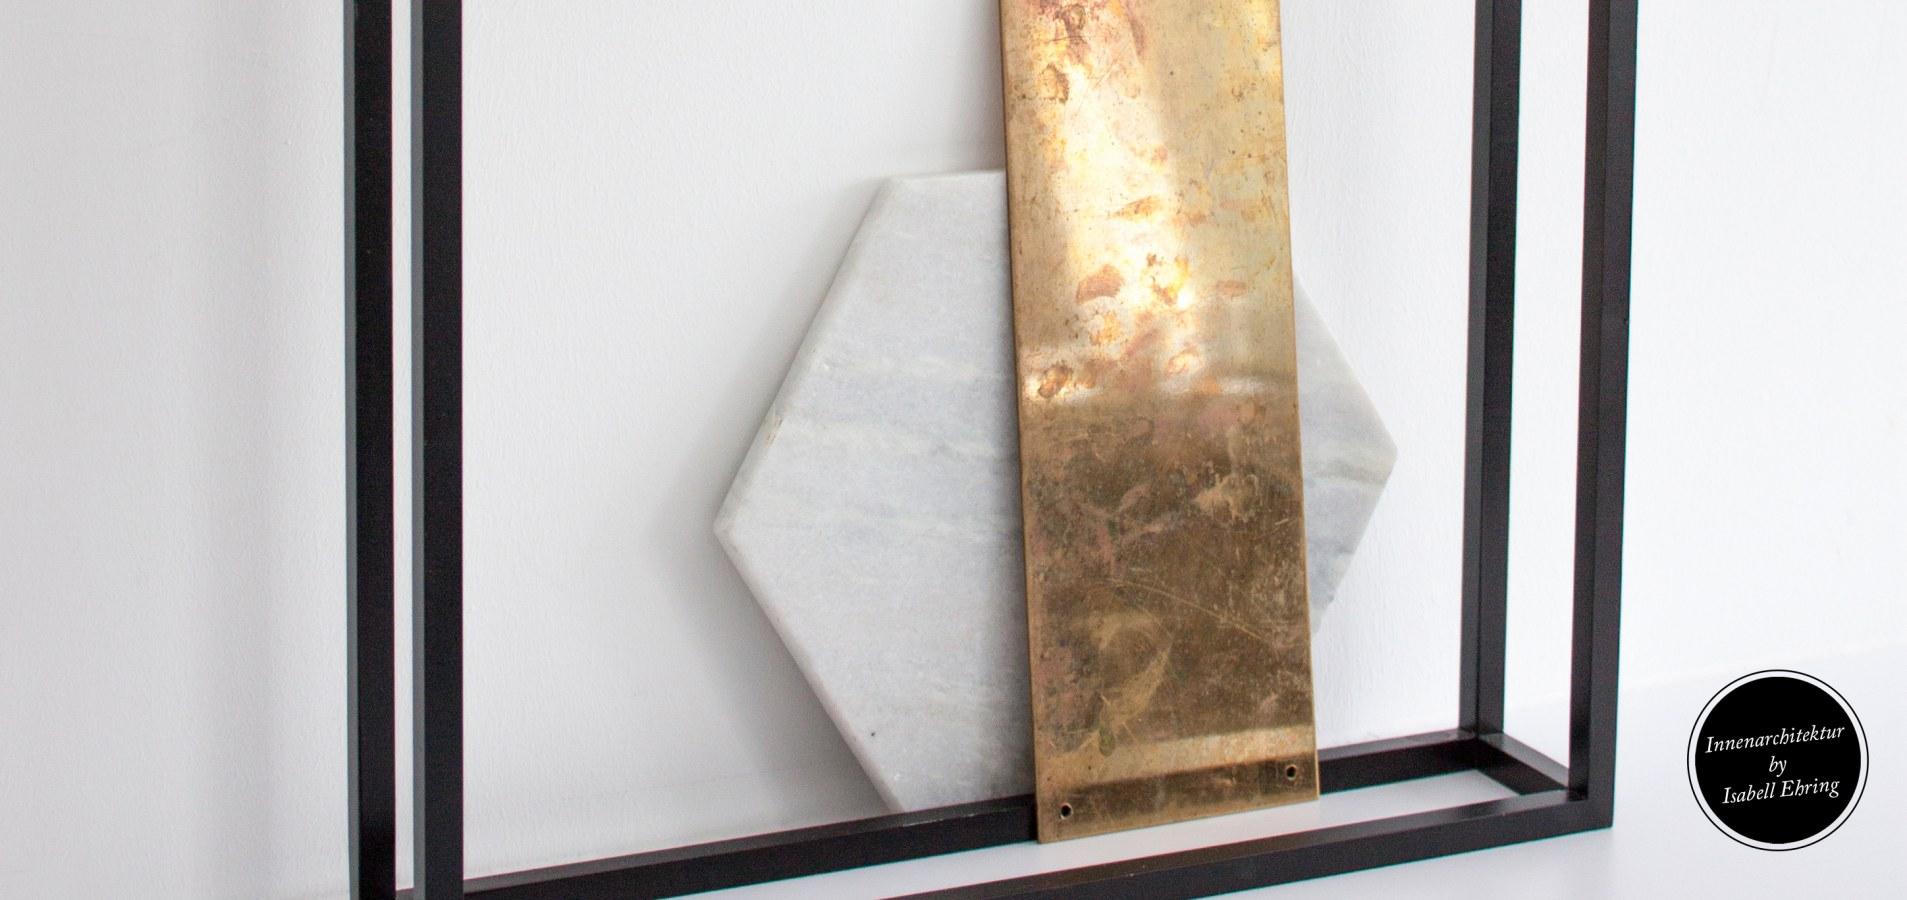 Isabell-Ehring-Innenarchitektur-Stuttgart---Materialkollage2.jpg